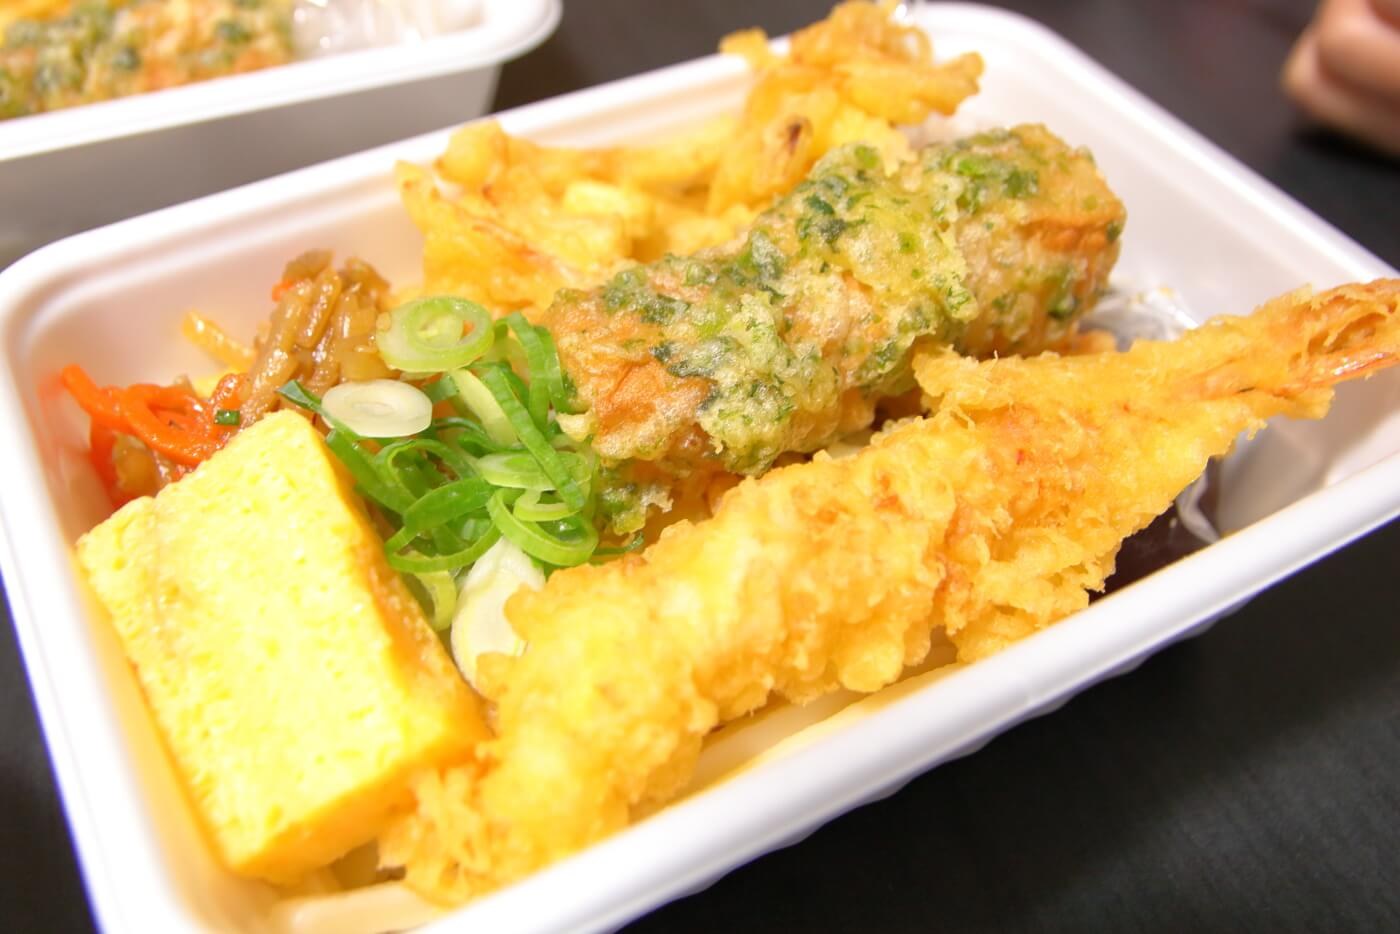 丸亀製麺 うどん弁当 3種の天ぷらと定番おかずのうどん弁当